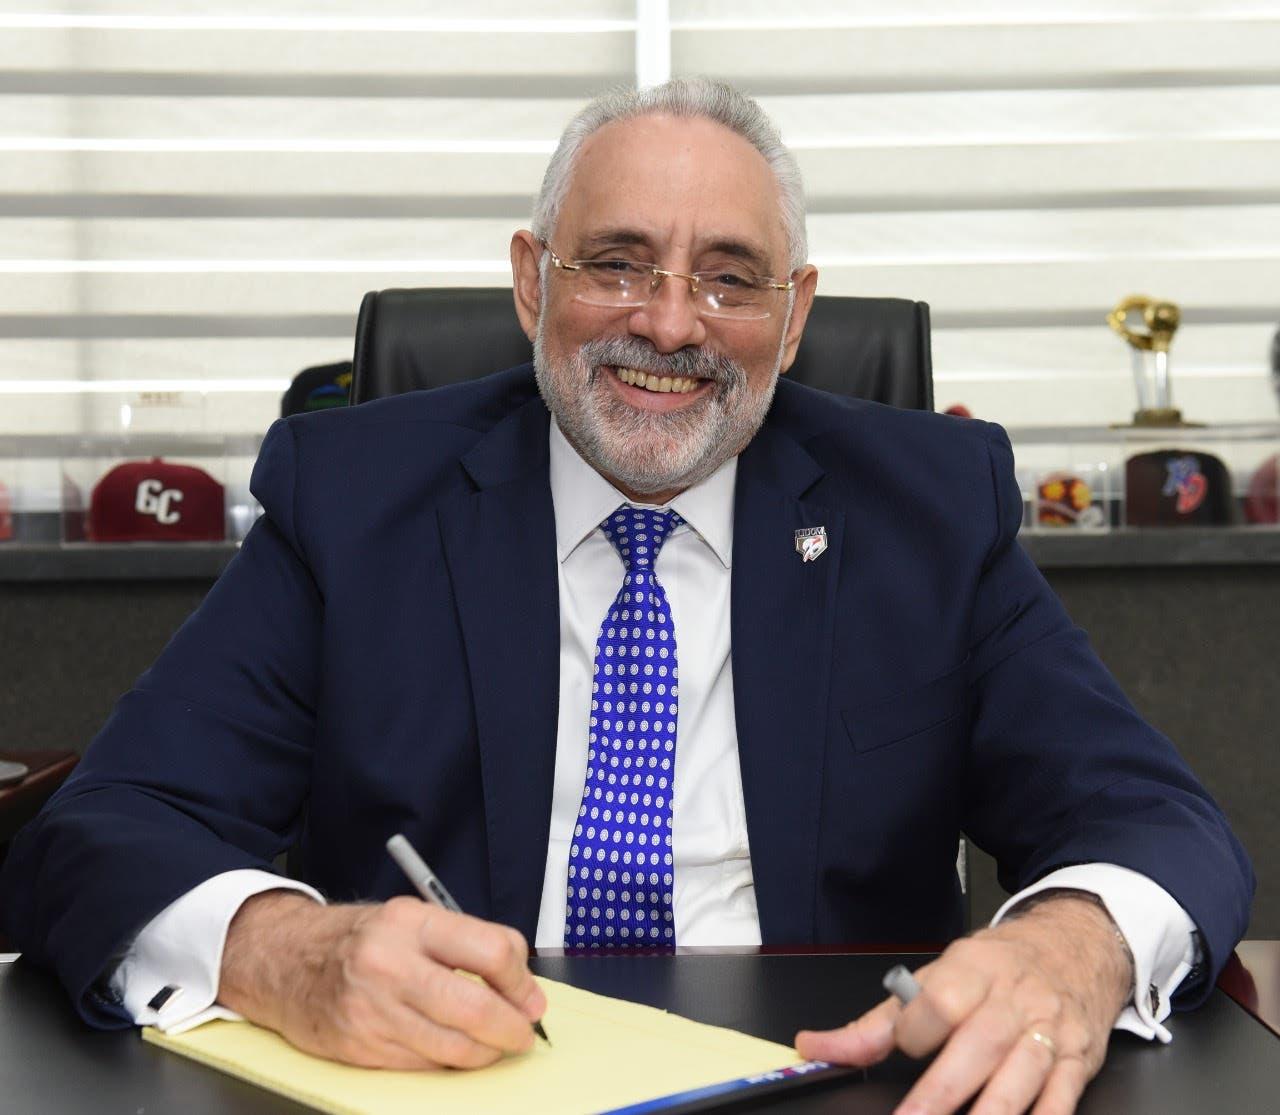 La Liga de Béisbol Dominicana anuncia formato para torneo 2021-2022